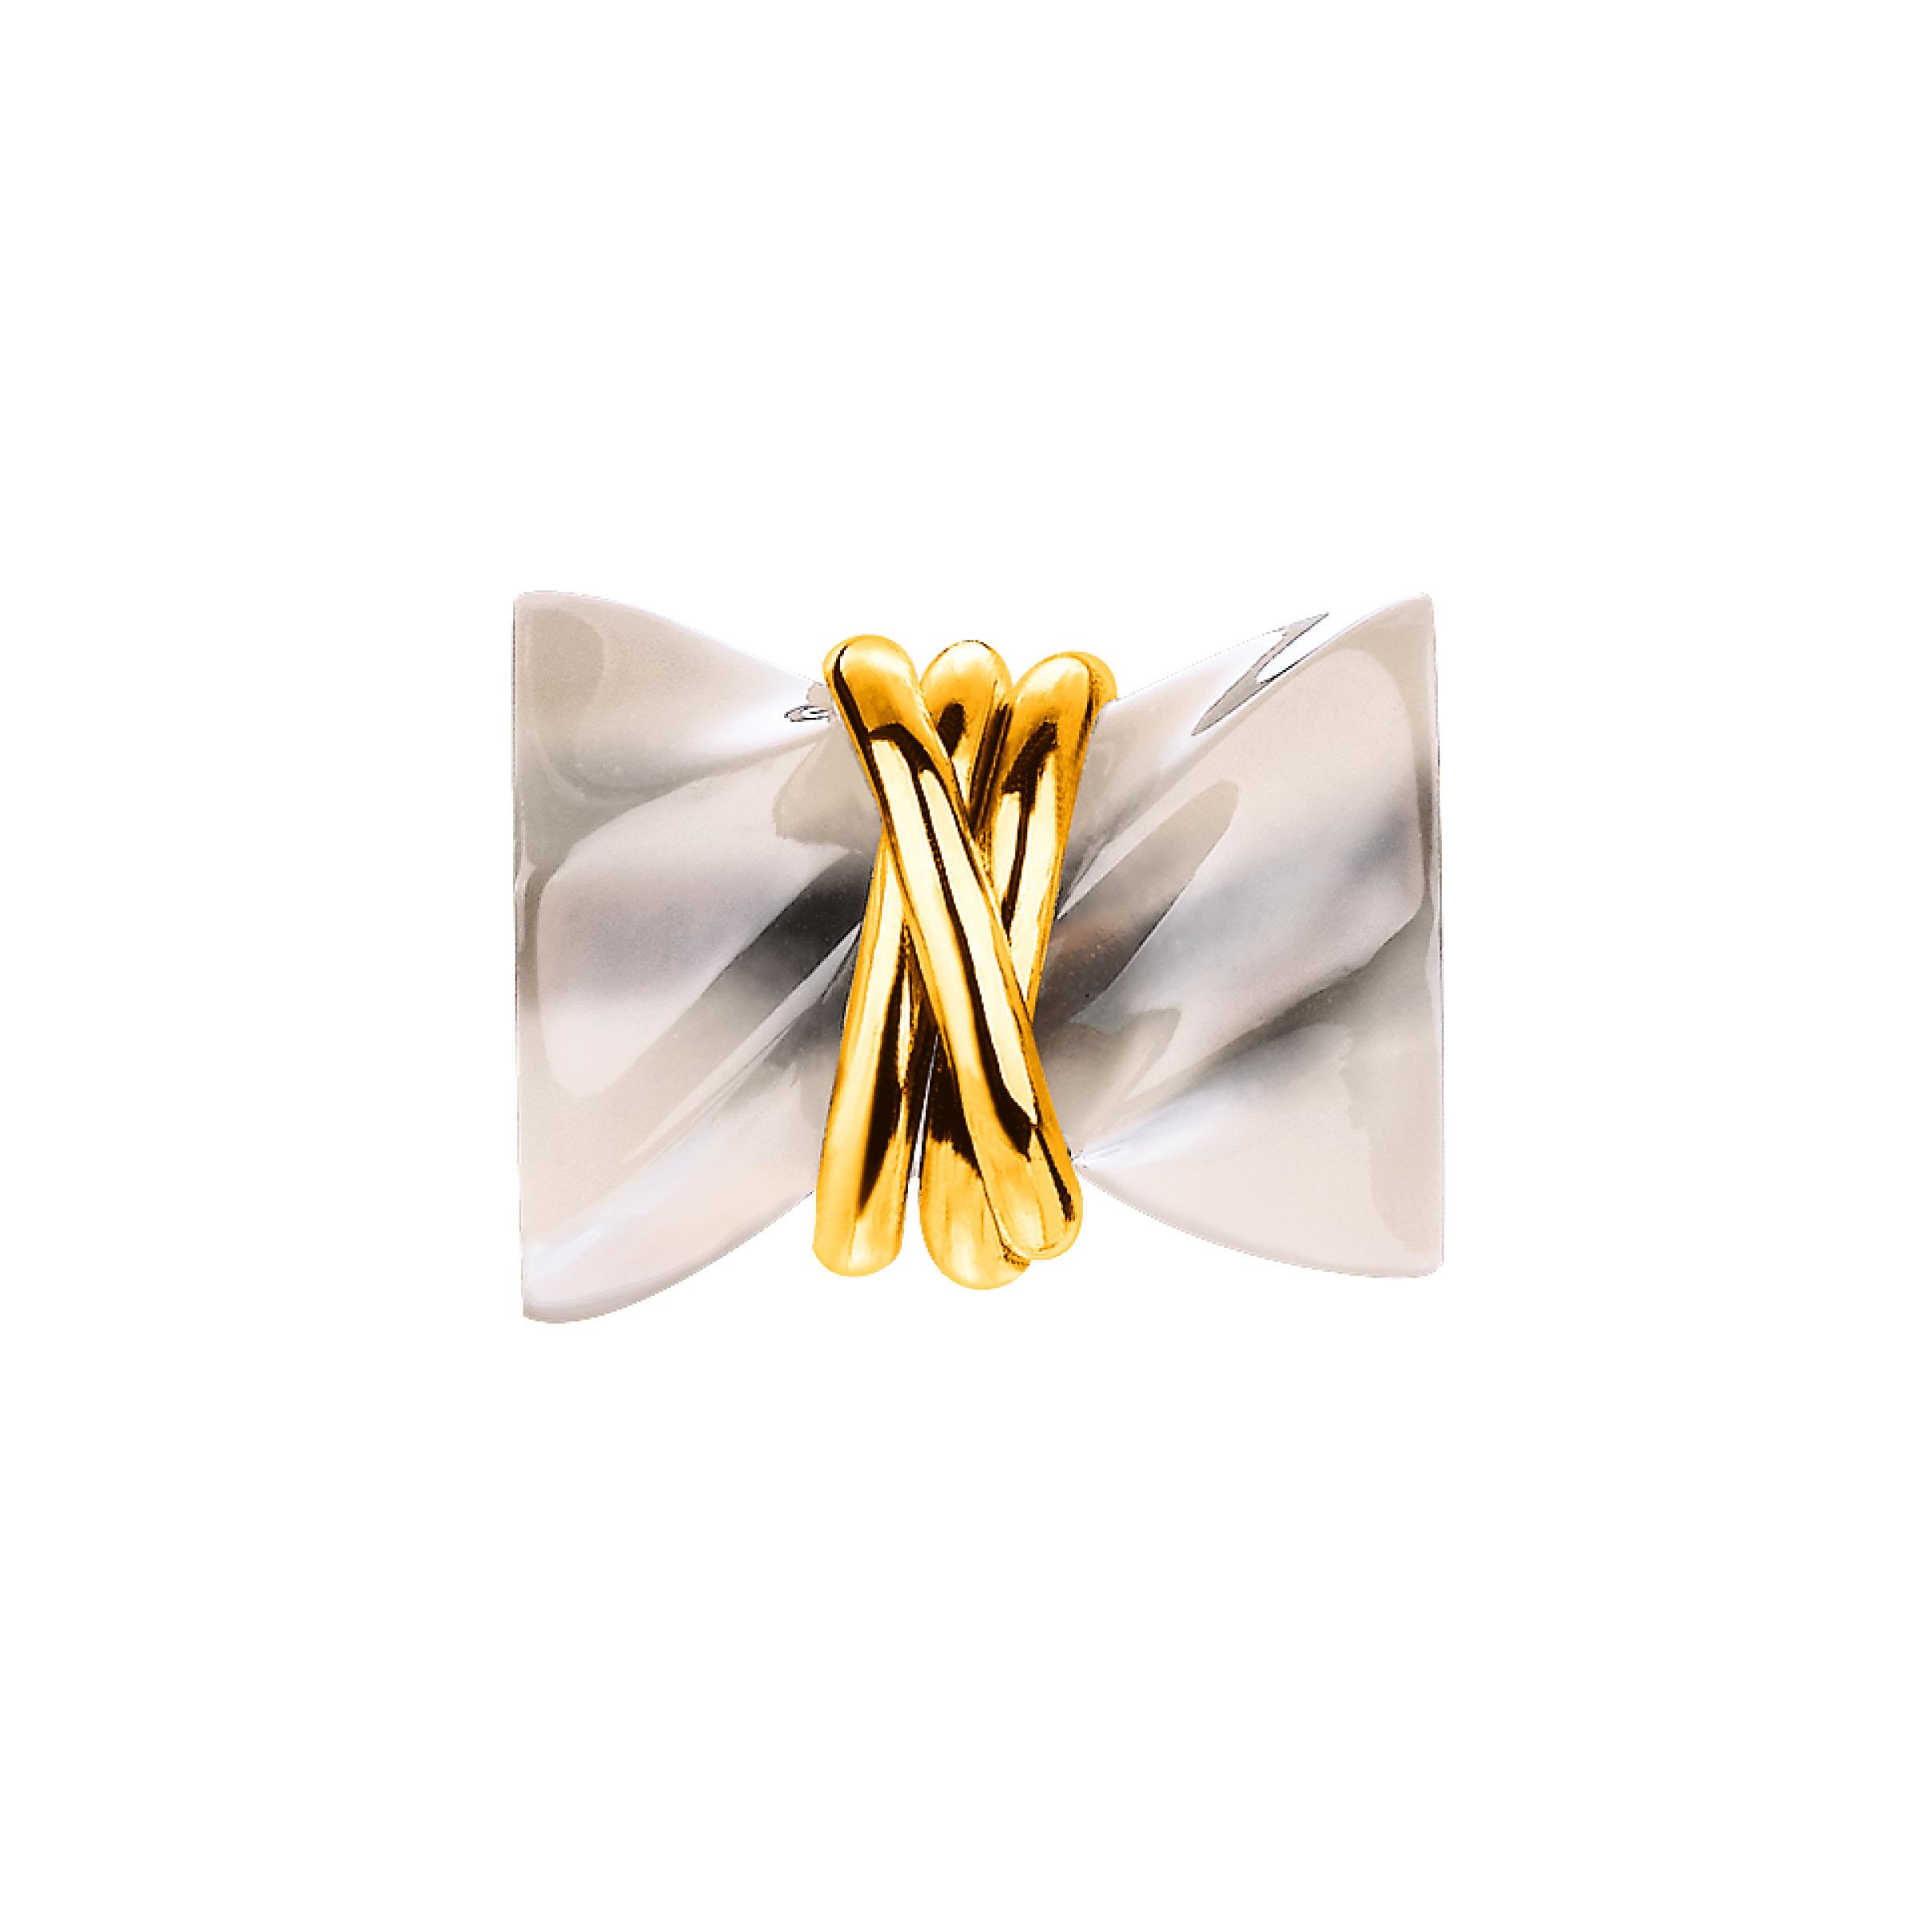 「六福齐来」黄金衬半宝石坠饰-人缘